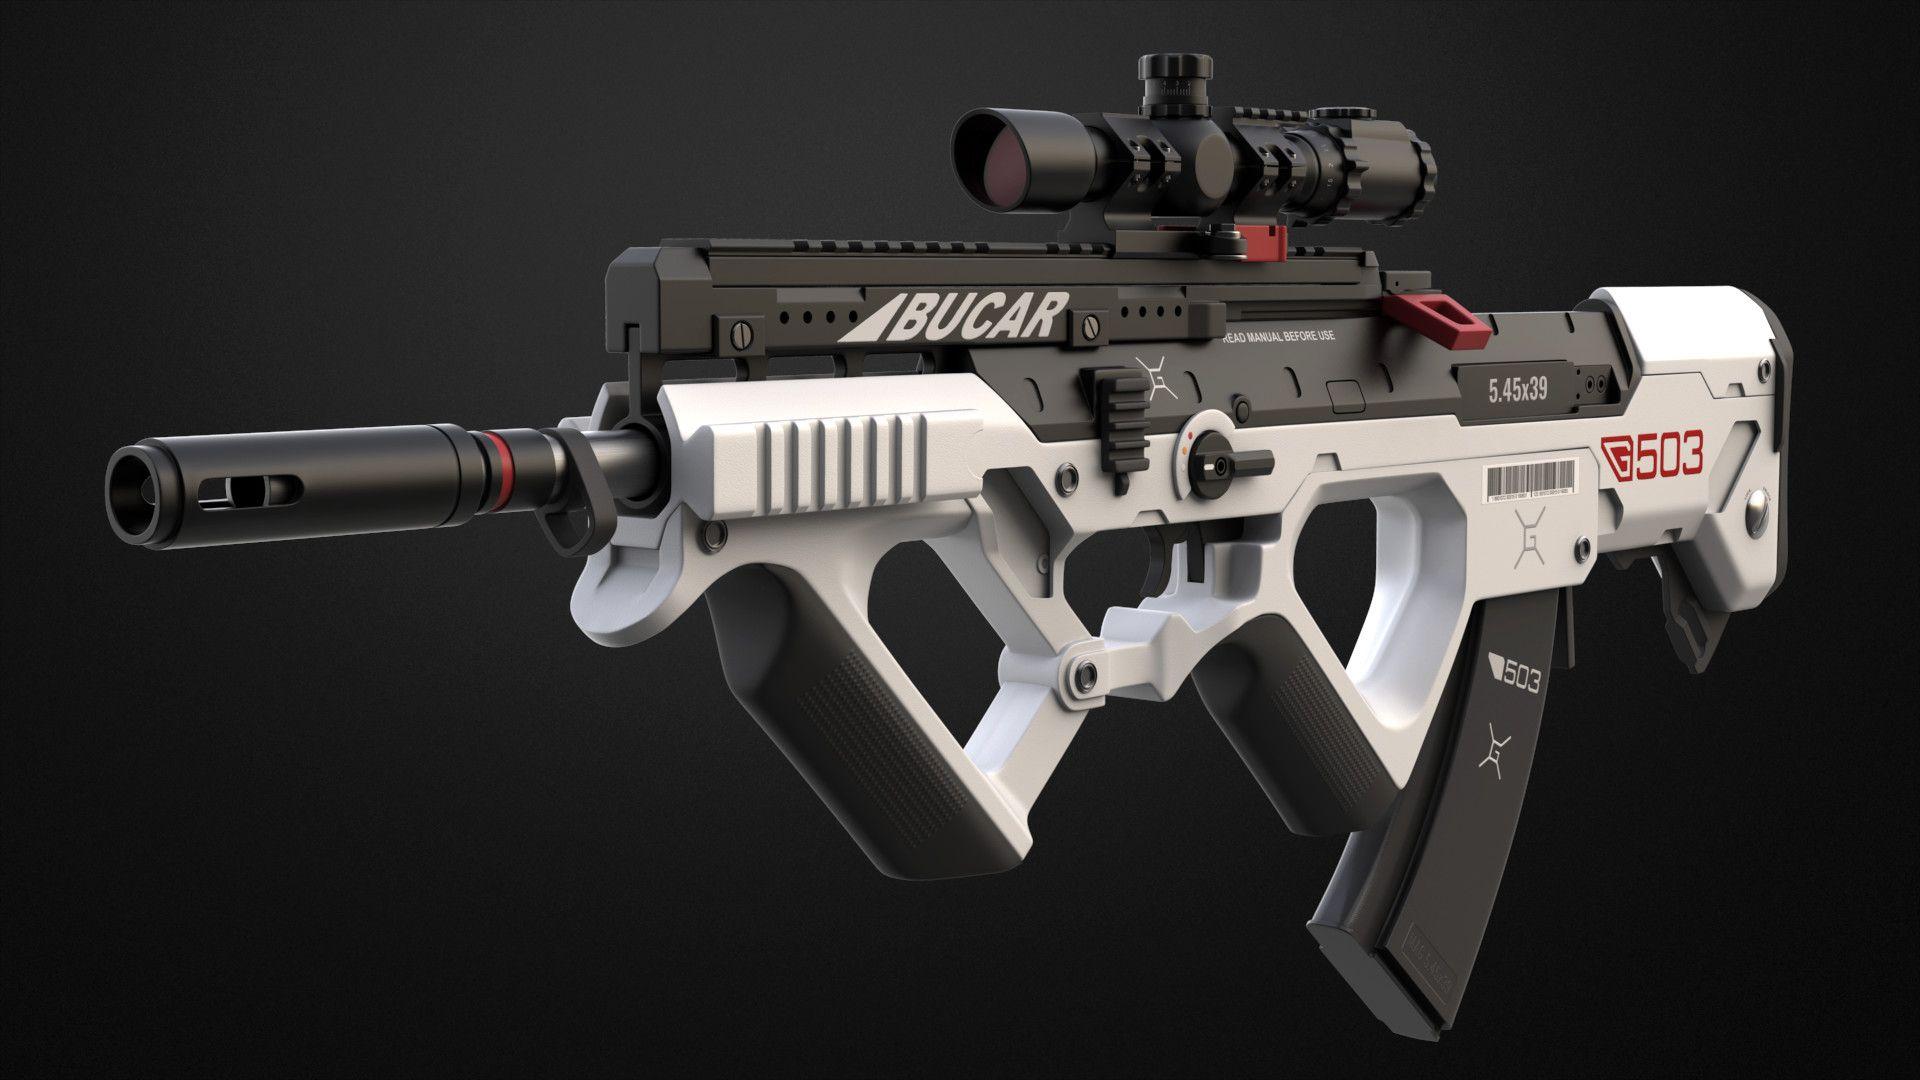 Compact Assault Rifle, Petteri Torvinen